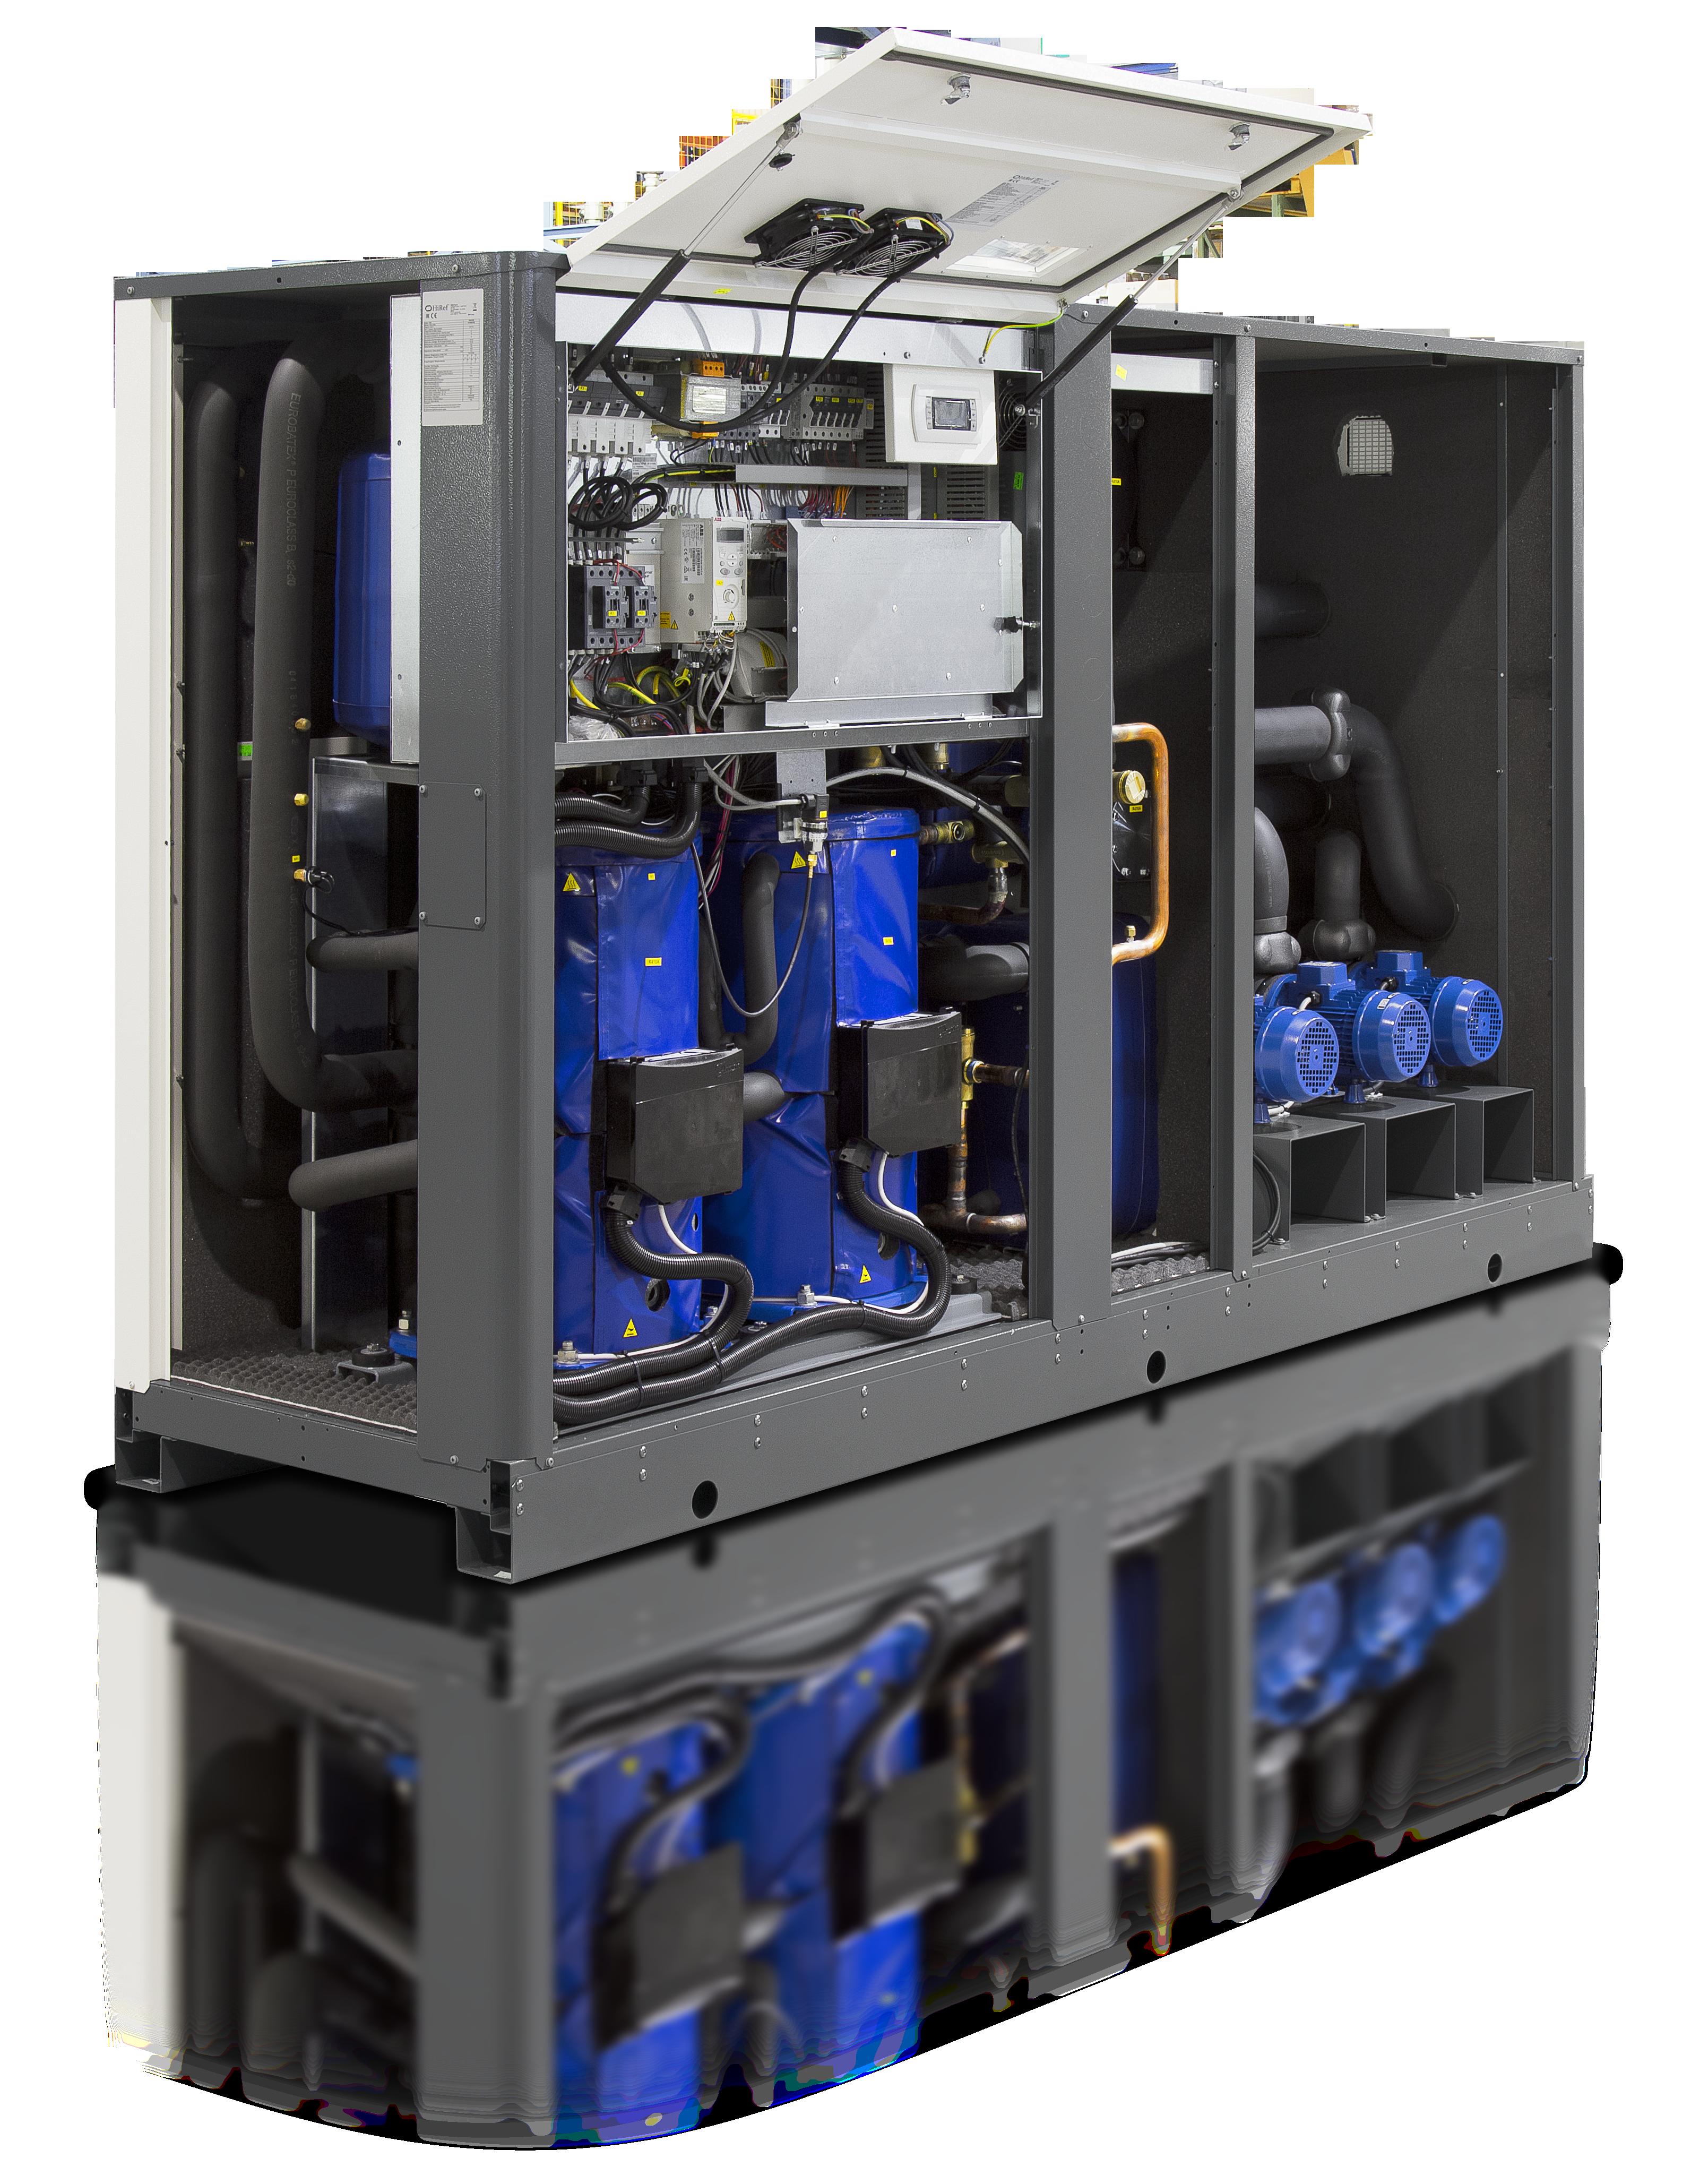 HiRef MSW heat pump open